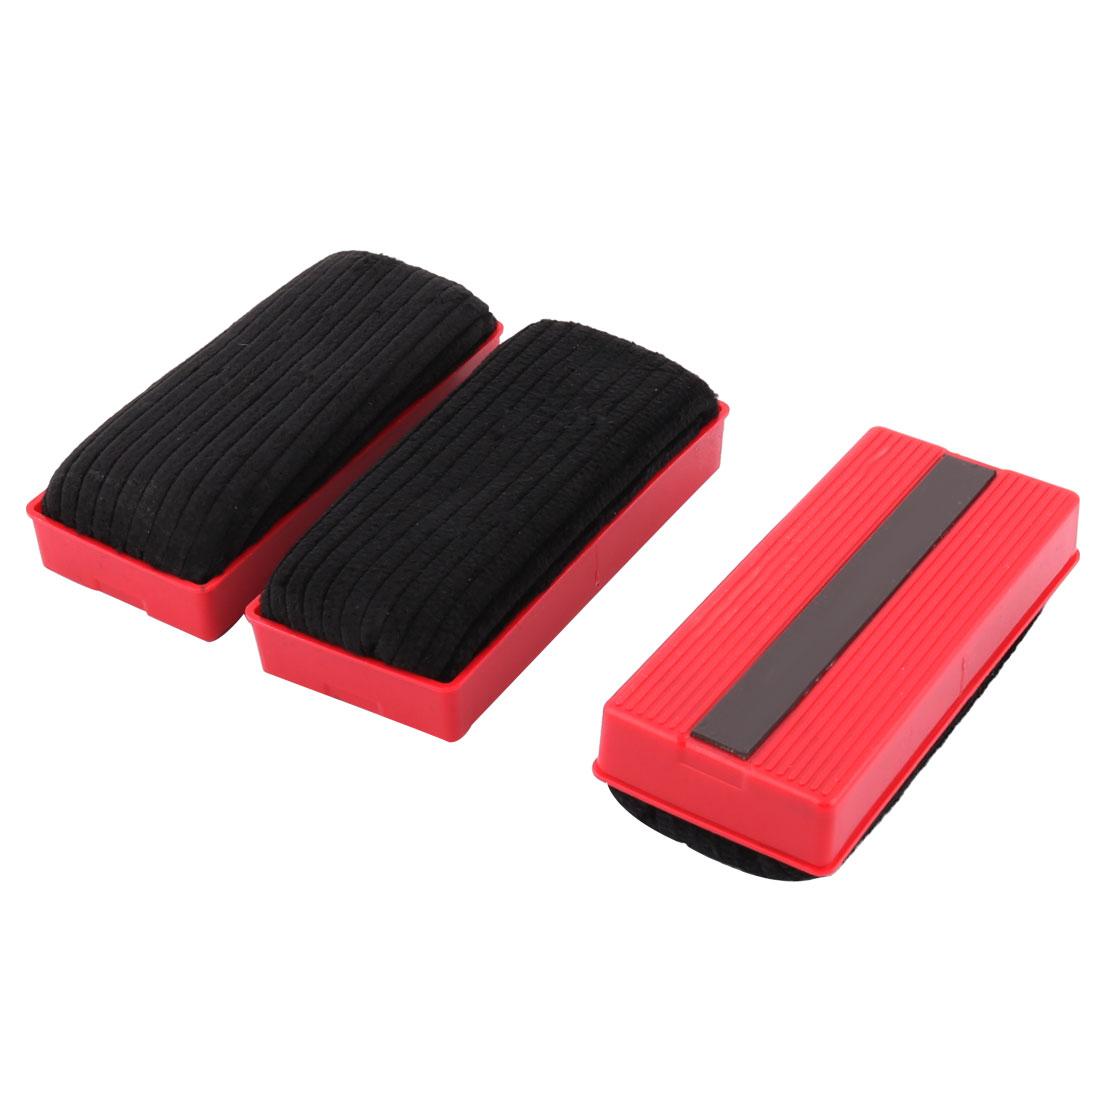 School Teaching Magnetic Velvet Wipe Cleaner Blackboard Eraser Black Red 3pcs